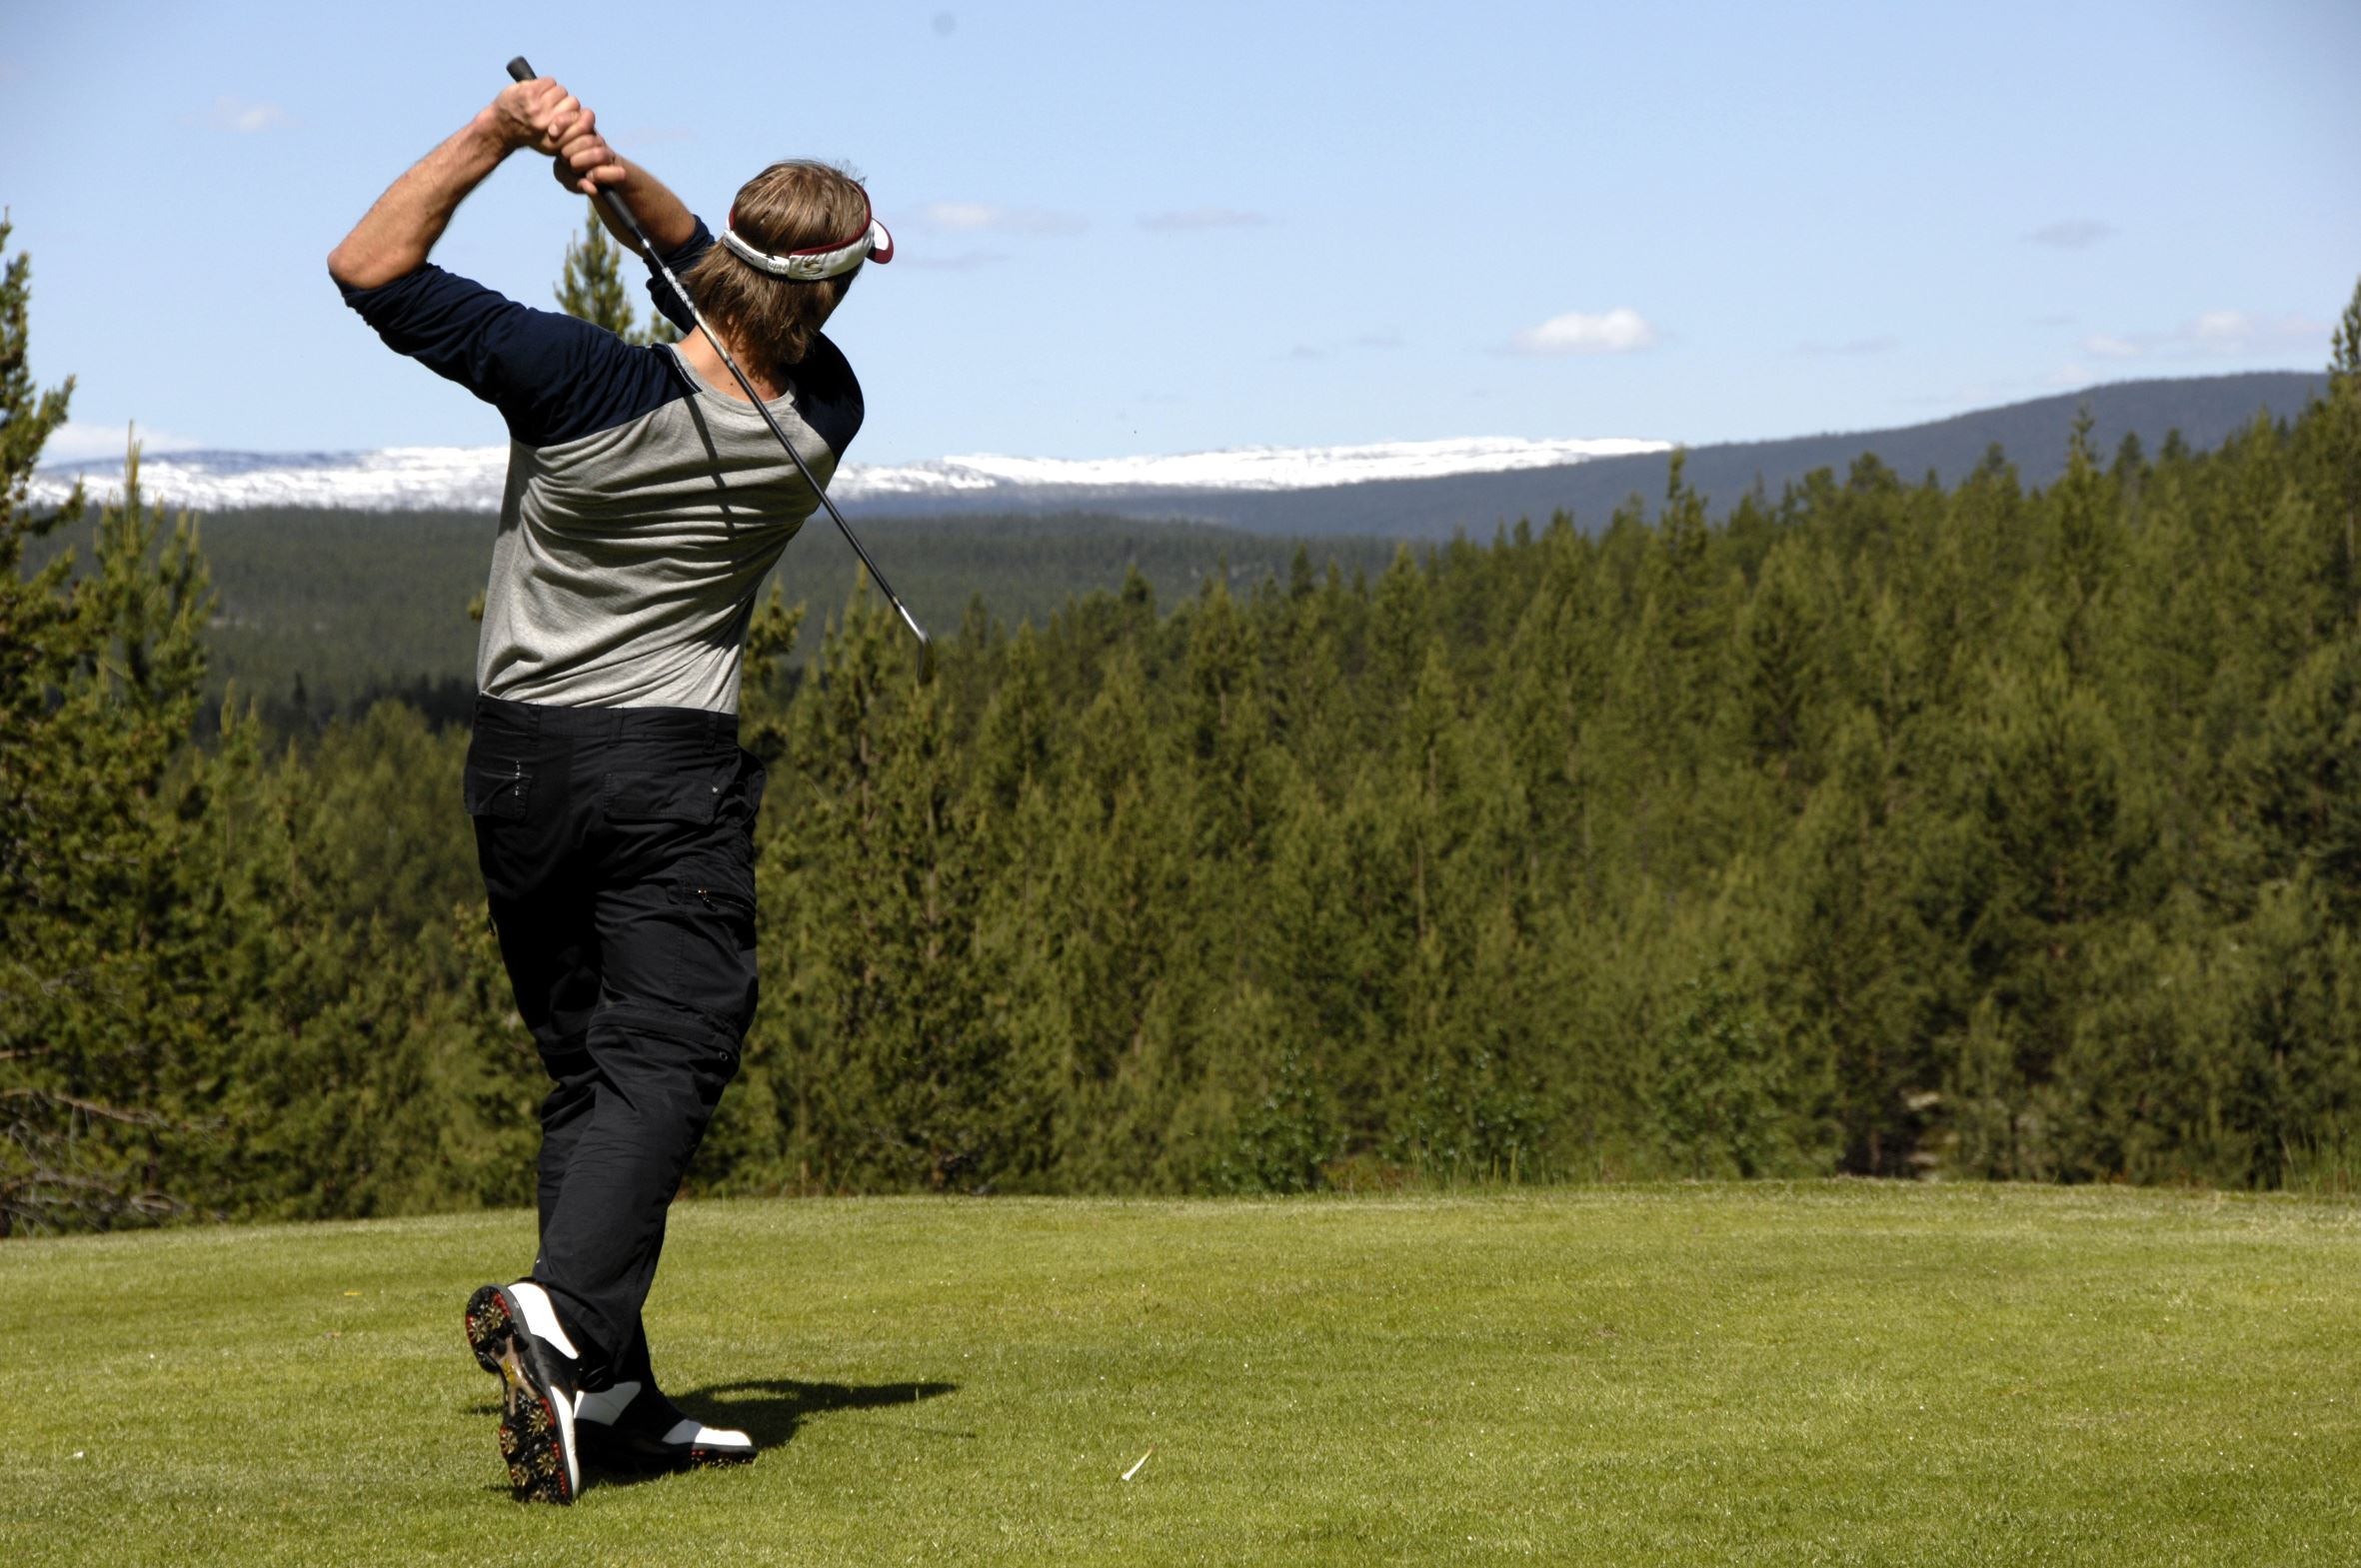 Prova-på golf